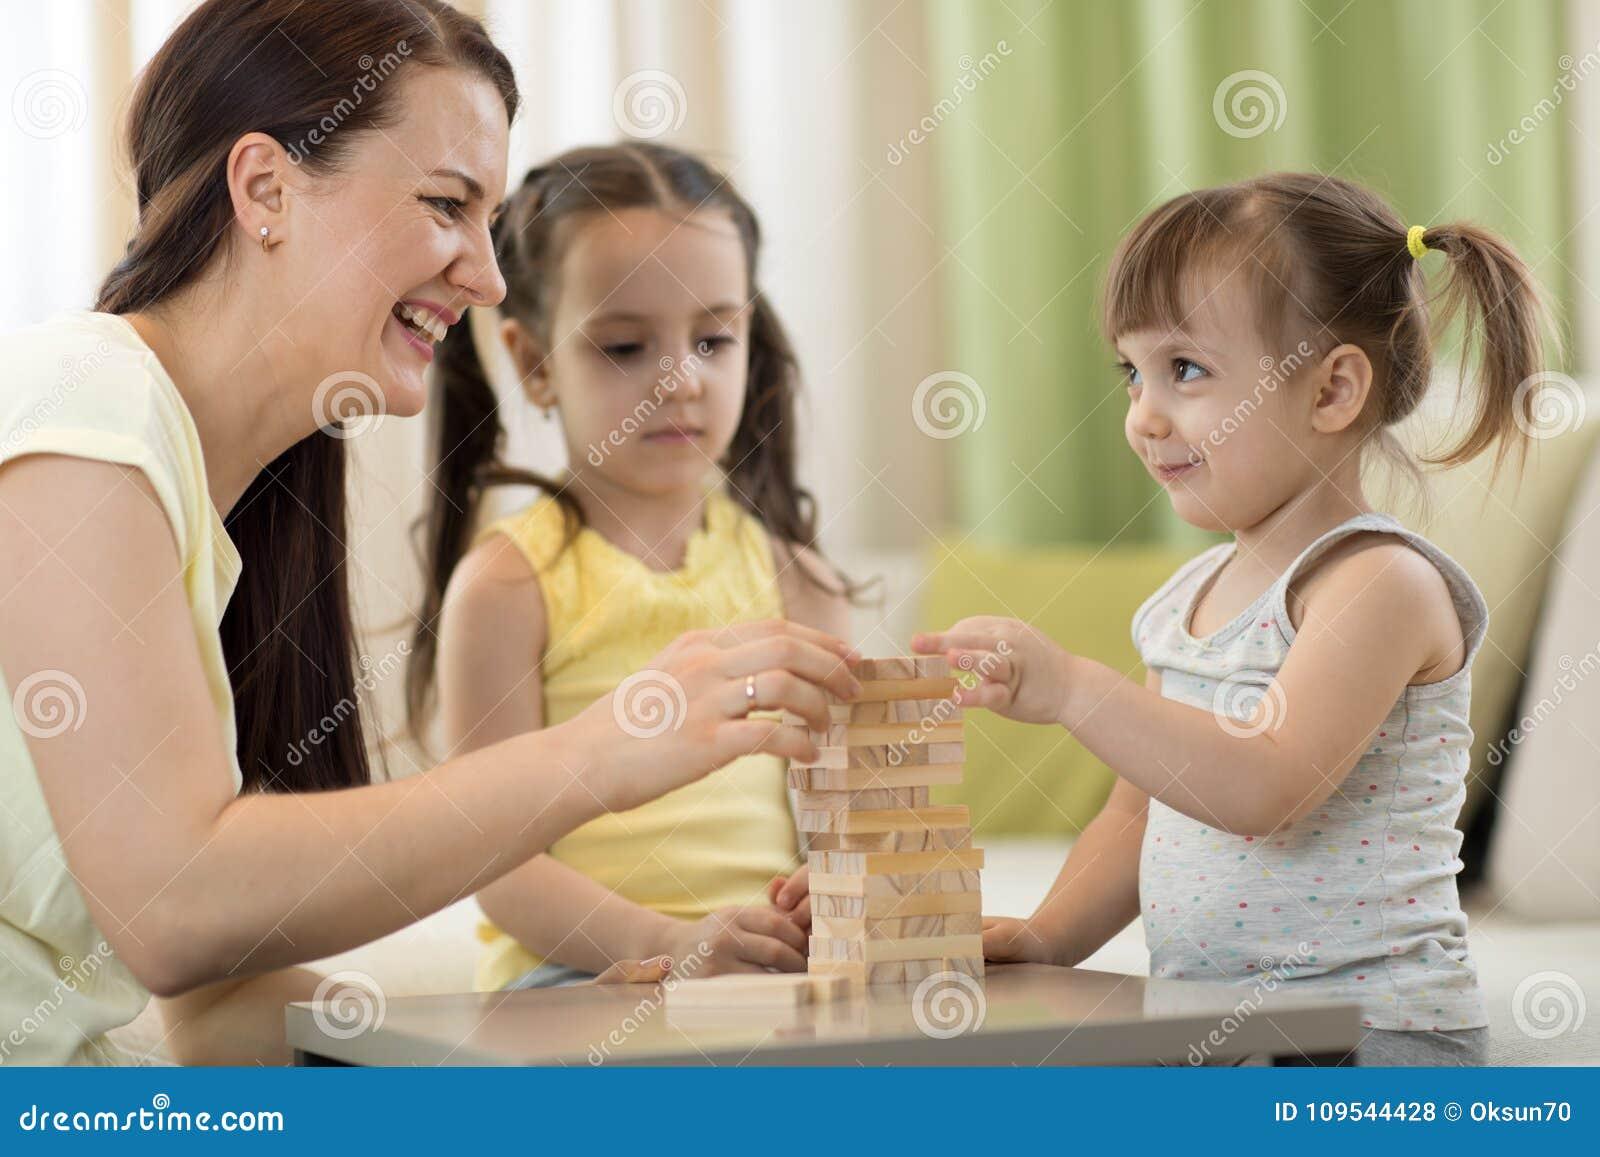 La madre y sus pequeñas hijas están jugando con el juego de mesa